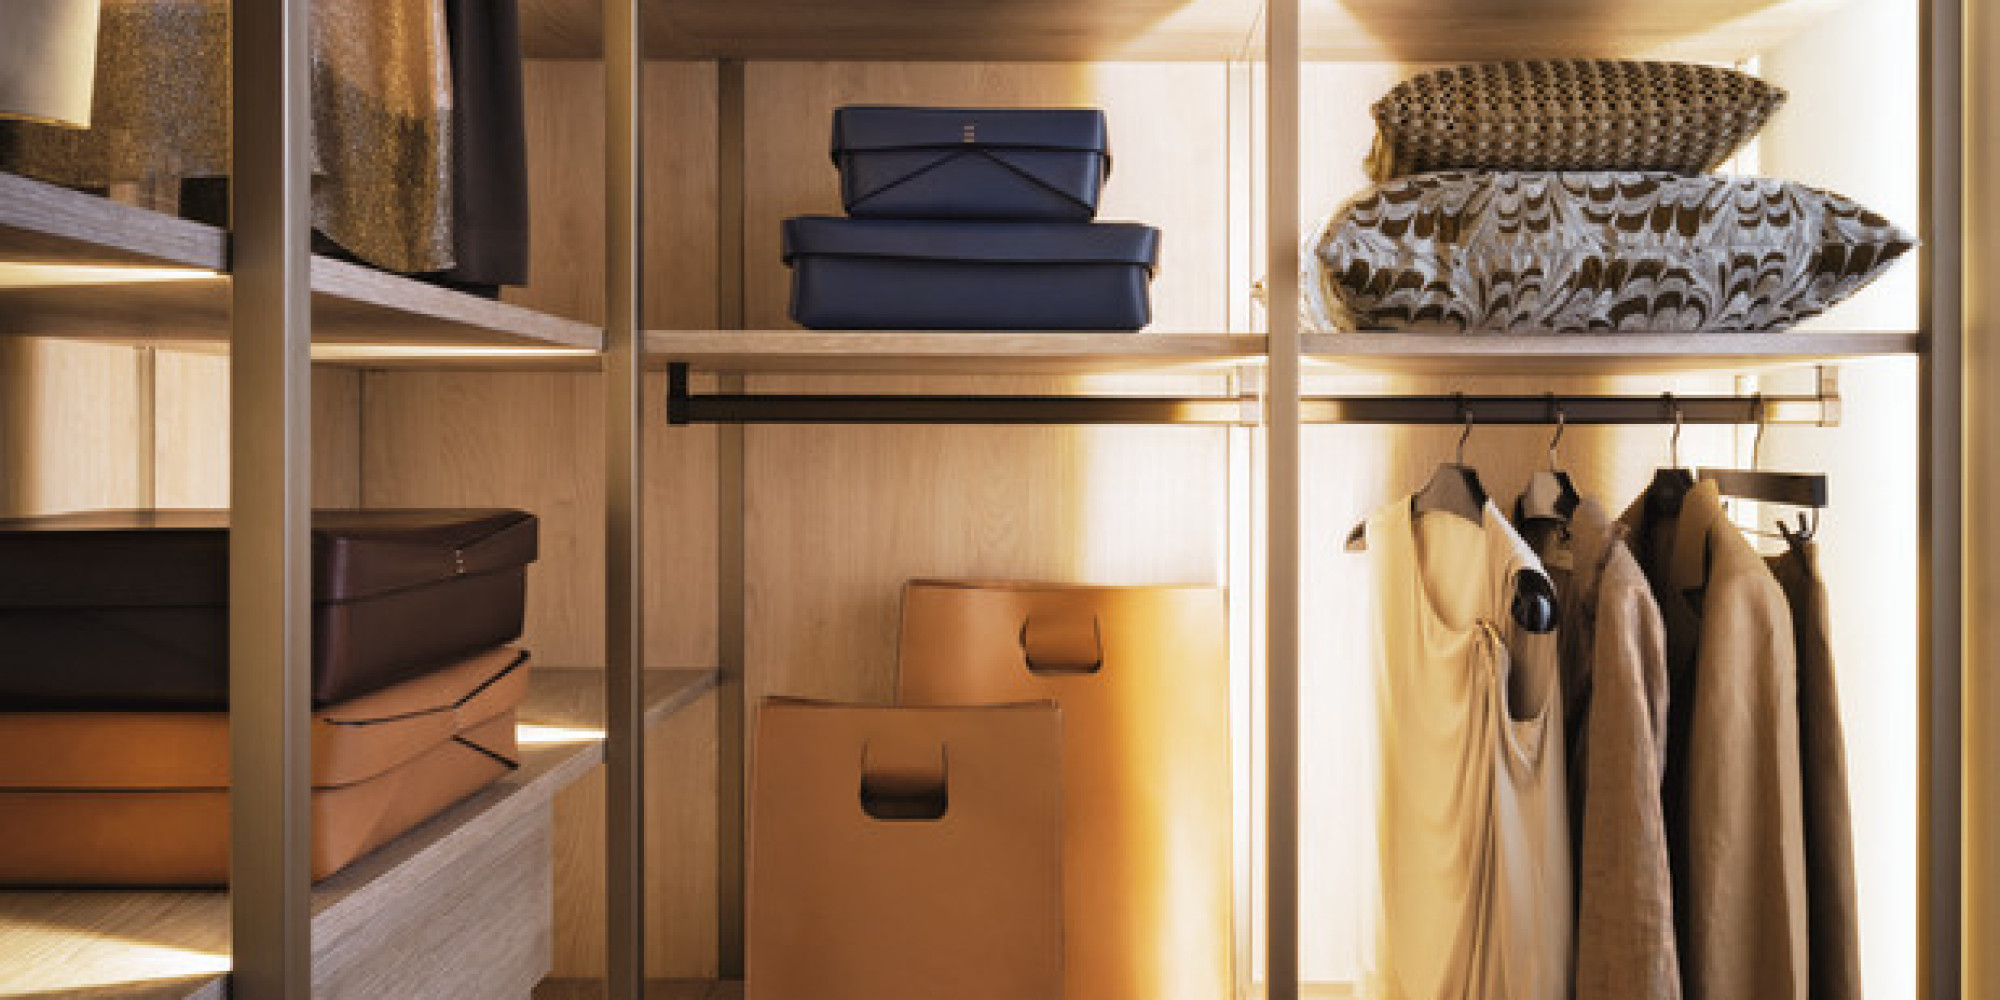 Houzz vi spiega come realizzare la cabina armadio perfetta - Moduli per cabina armadio ...